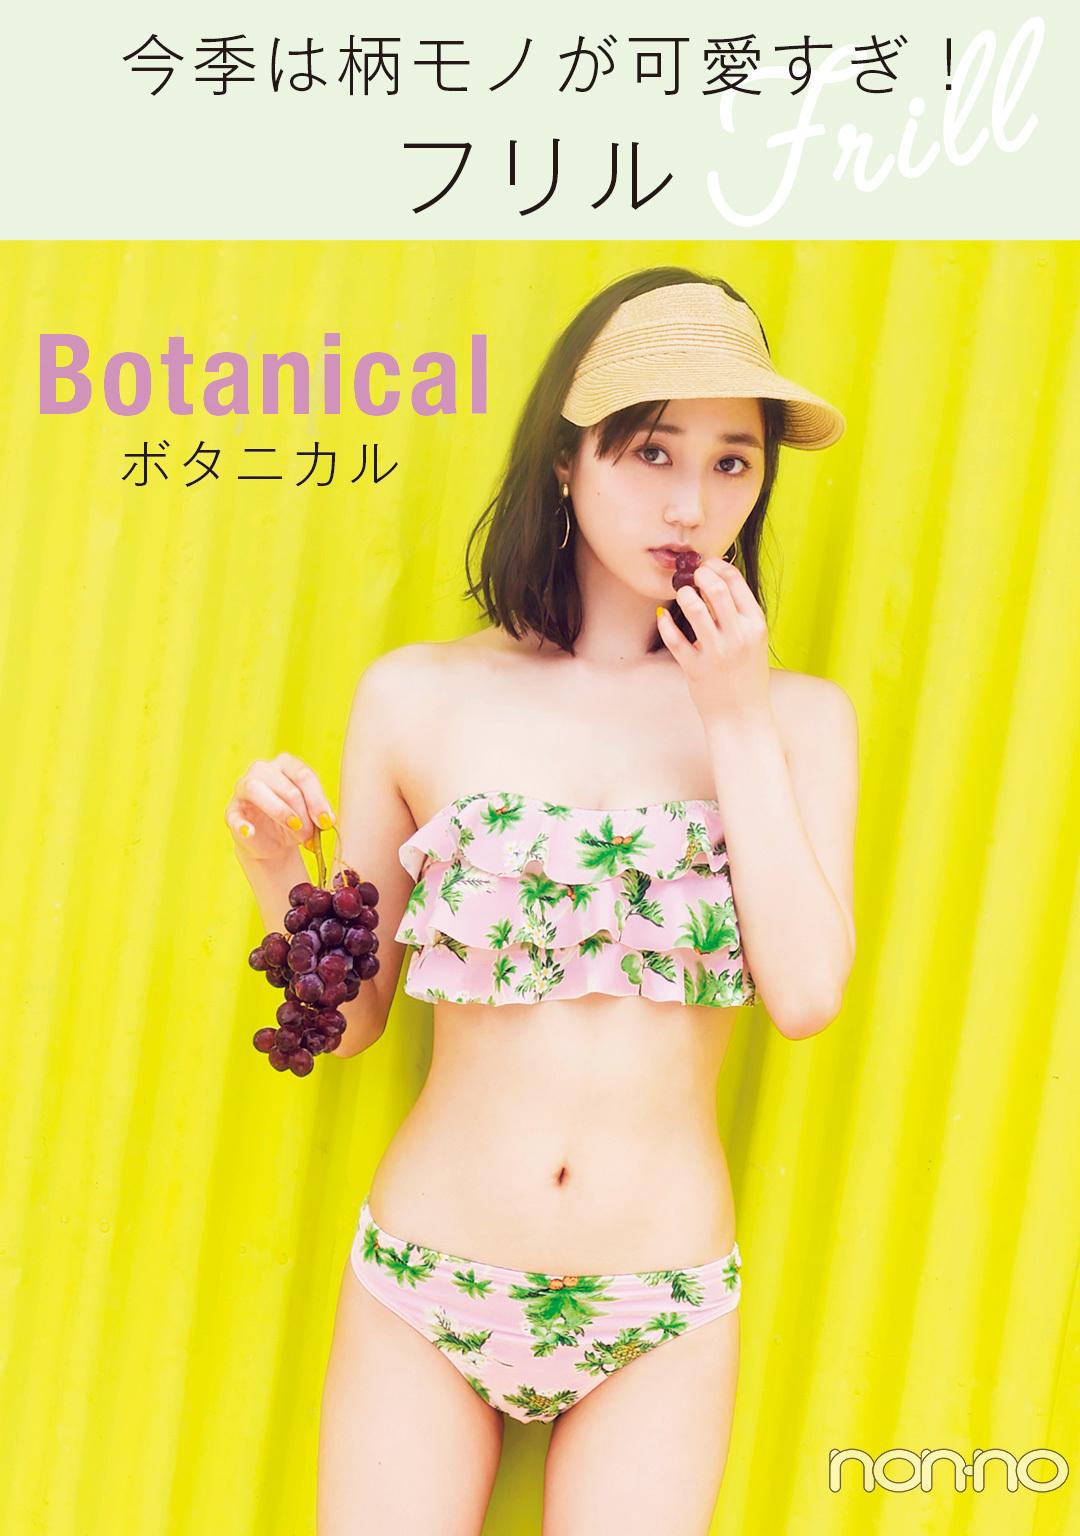 今季は柄モノが可愛すぎ!フリル  Botanical ボタニカル